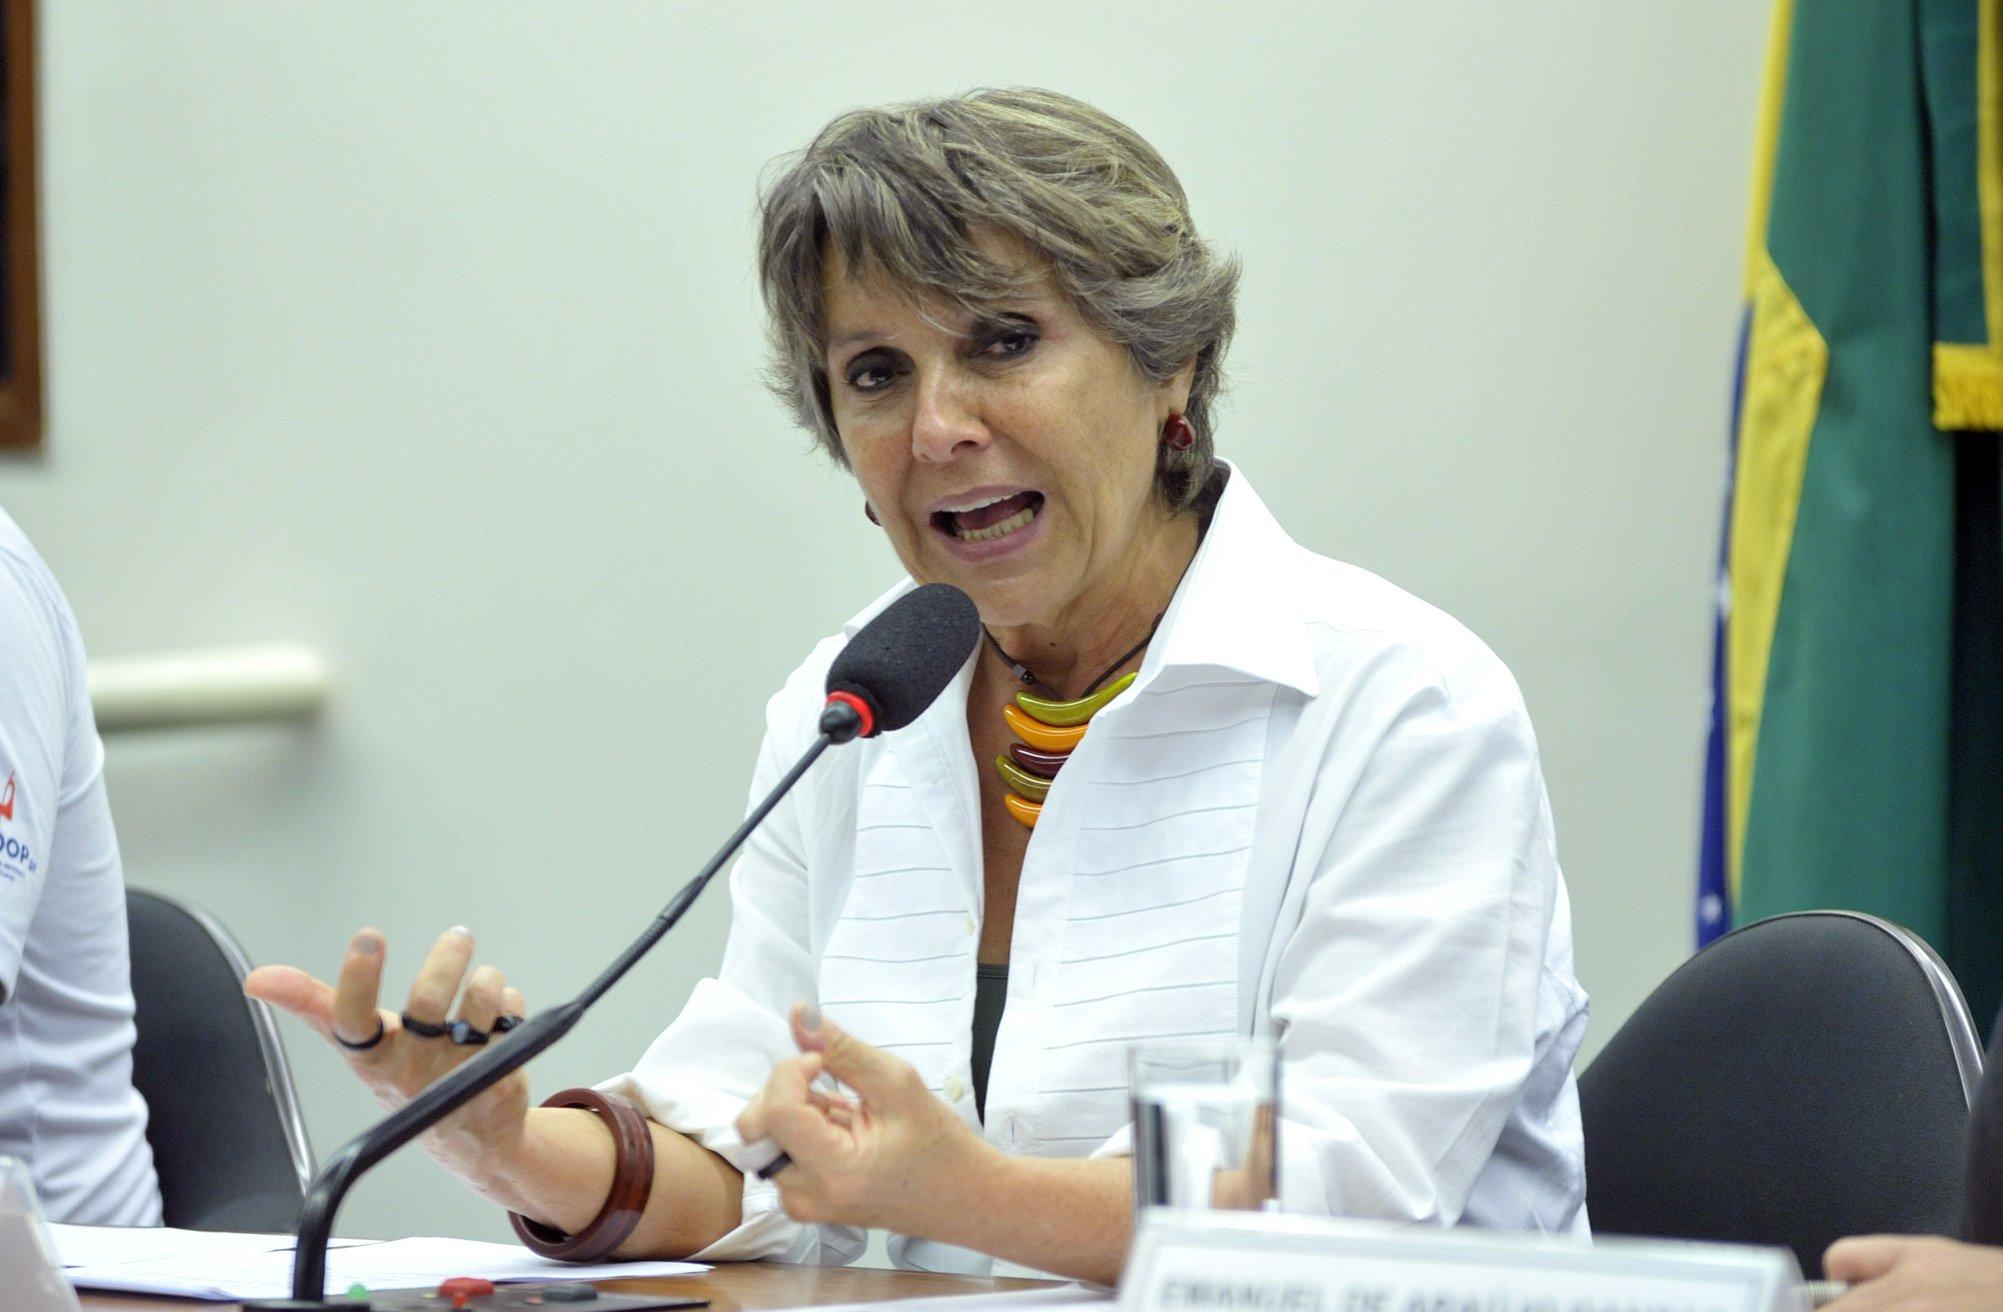 Agência Câmara/Divulgação